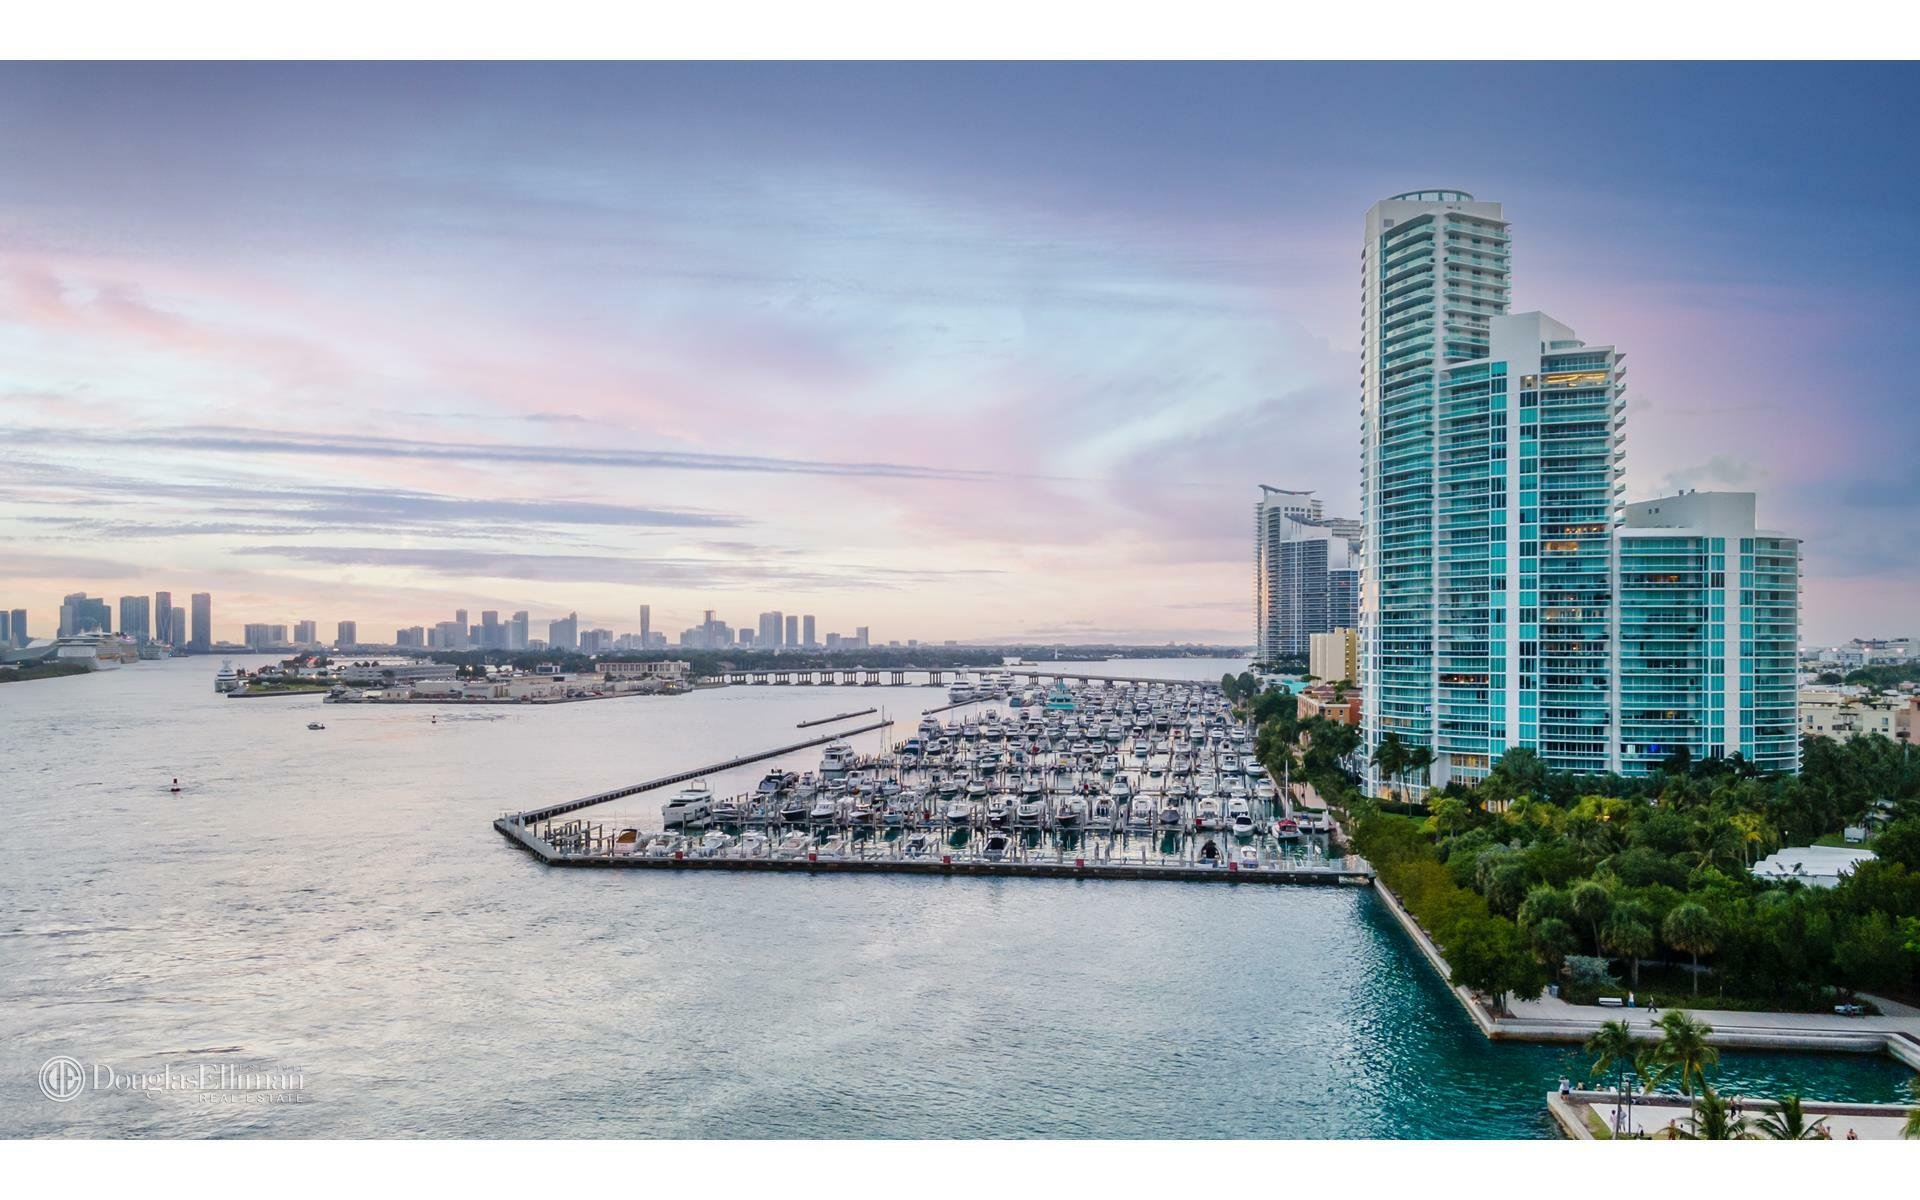 Condo in Miami Beach, Florida, United States 1 - 11597533